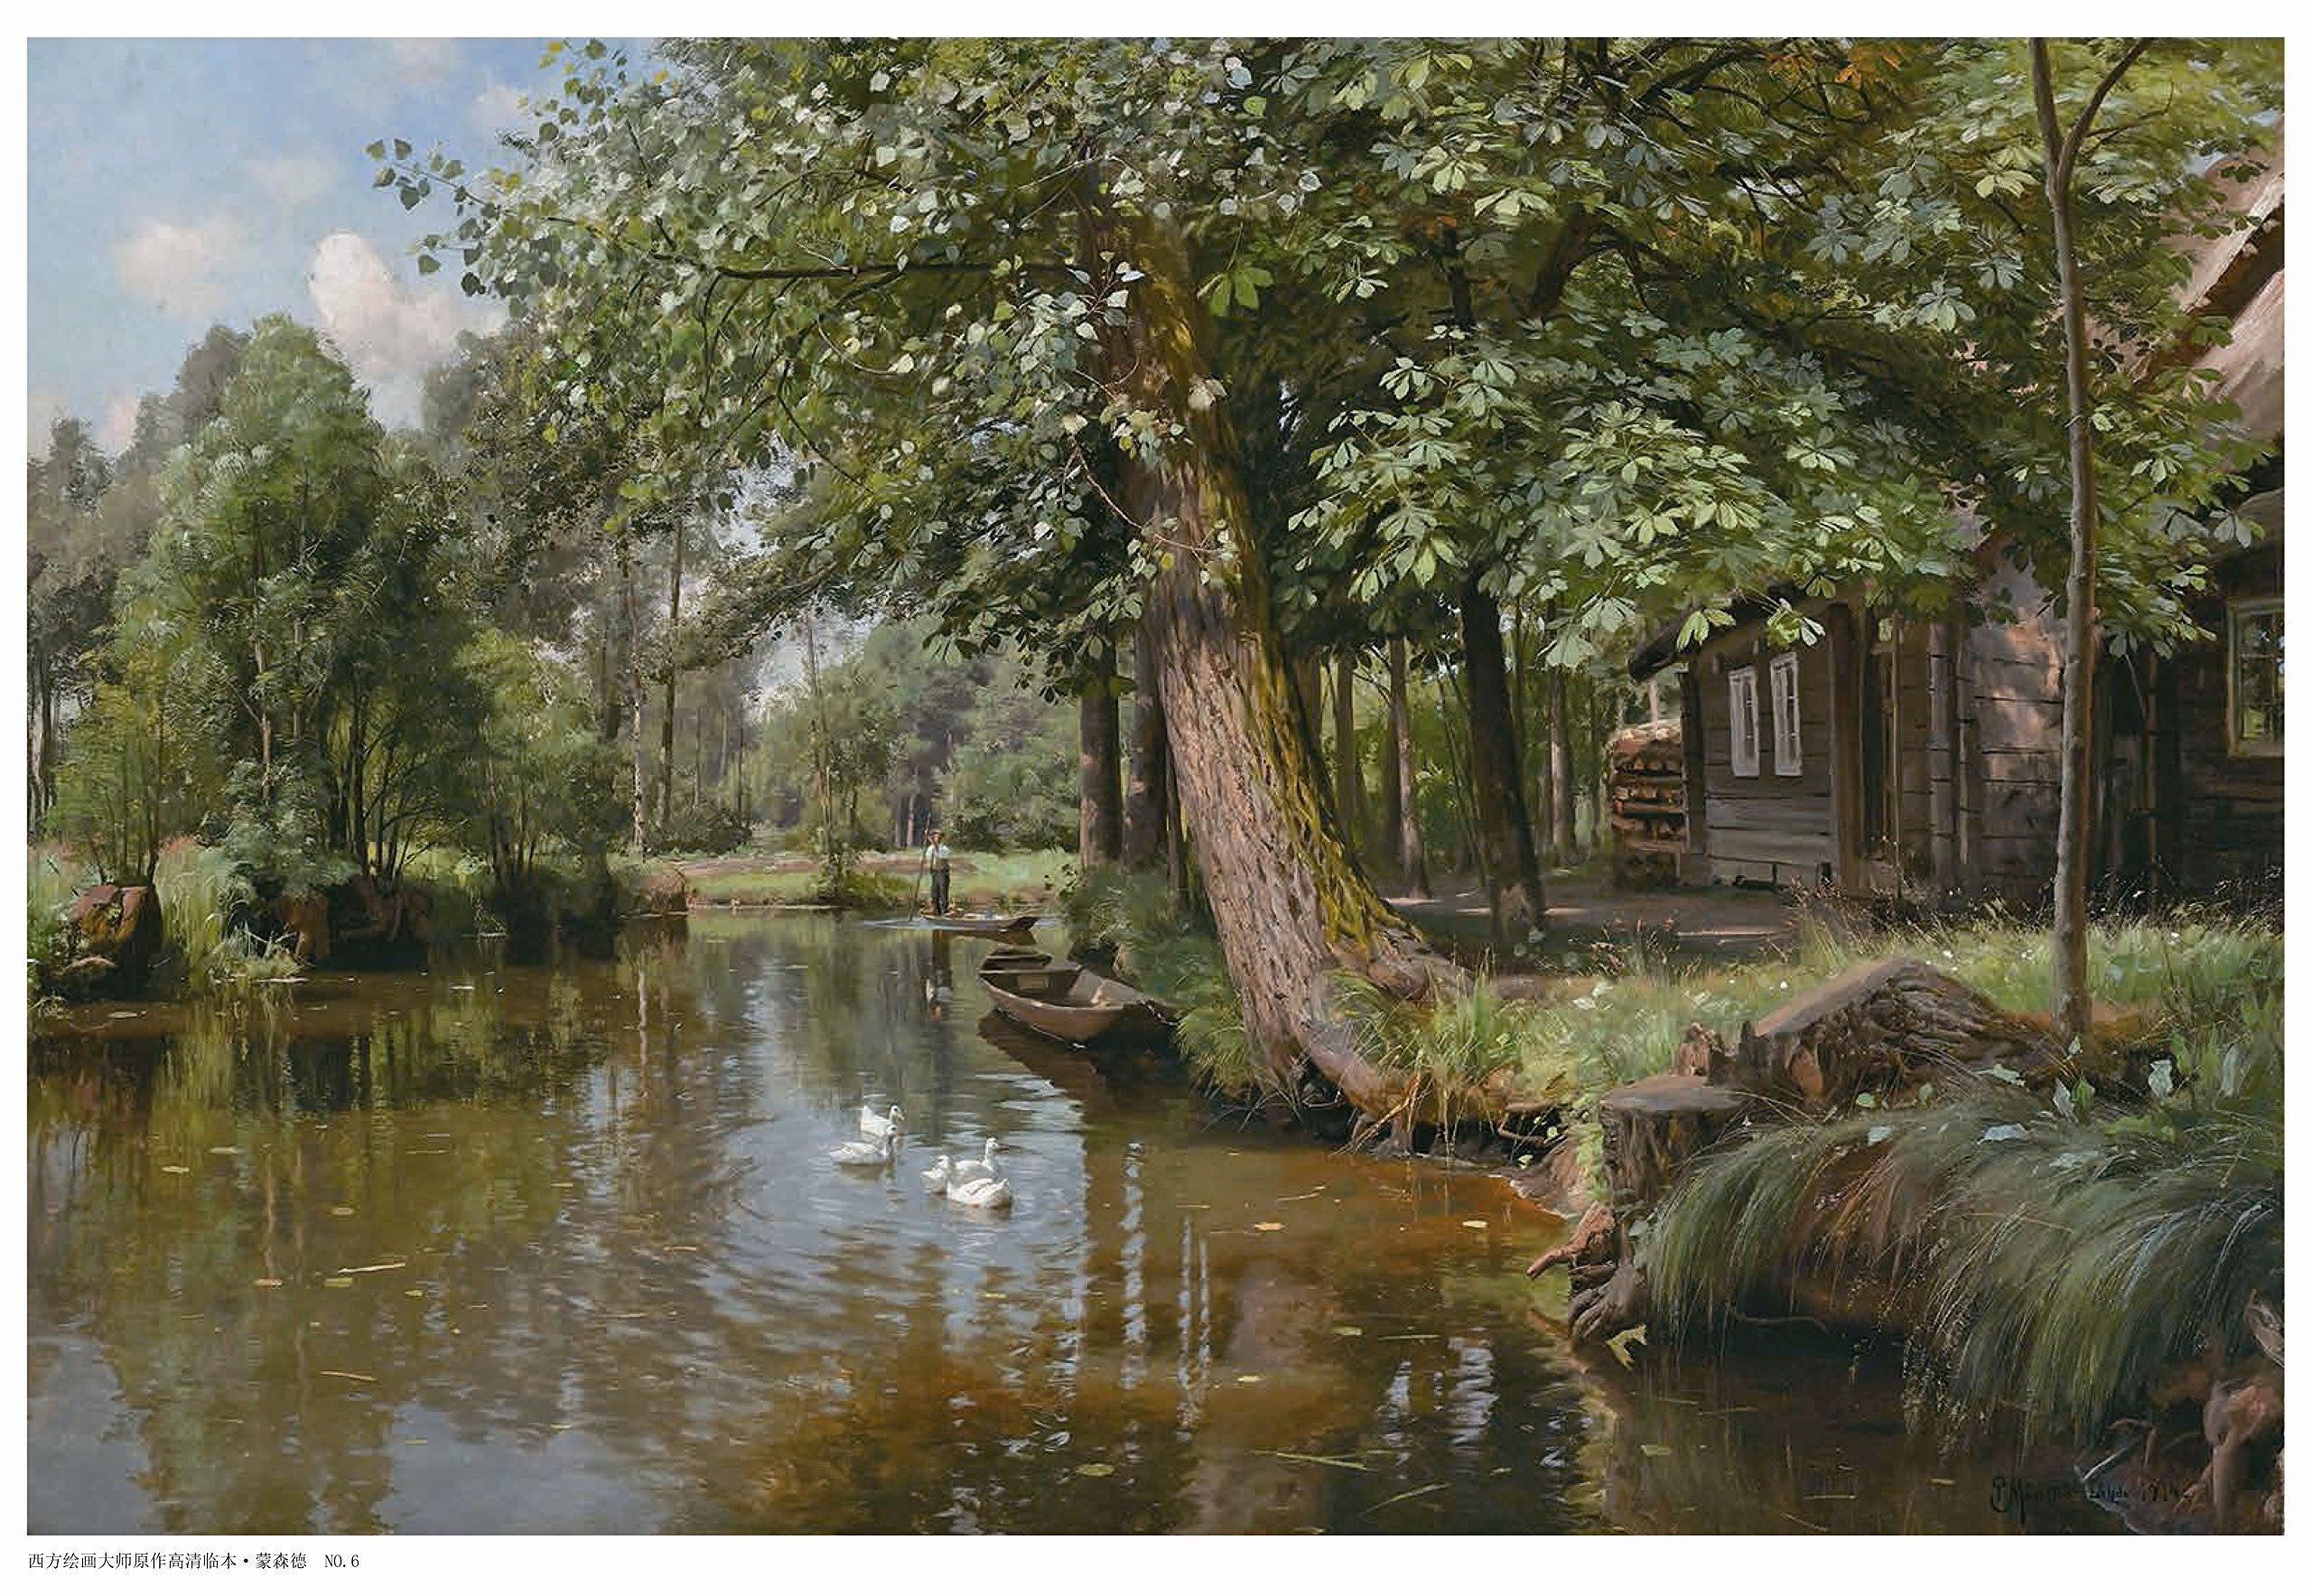 绘画作品共60余幅,丹麦画家蒙森德(1859-1941),以画风景画而著名,他是